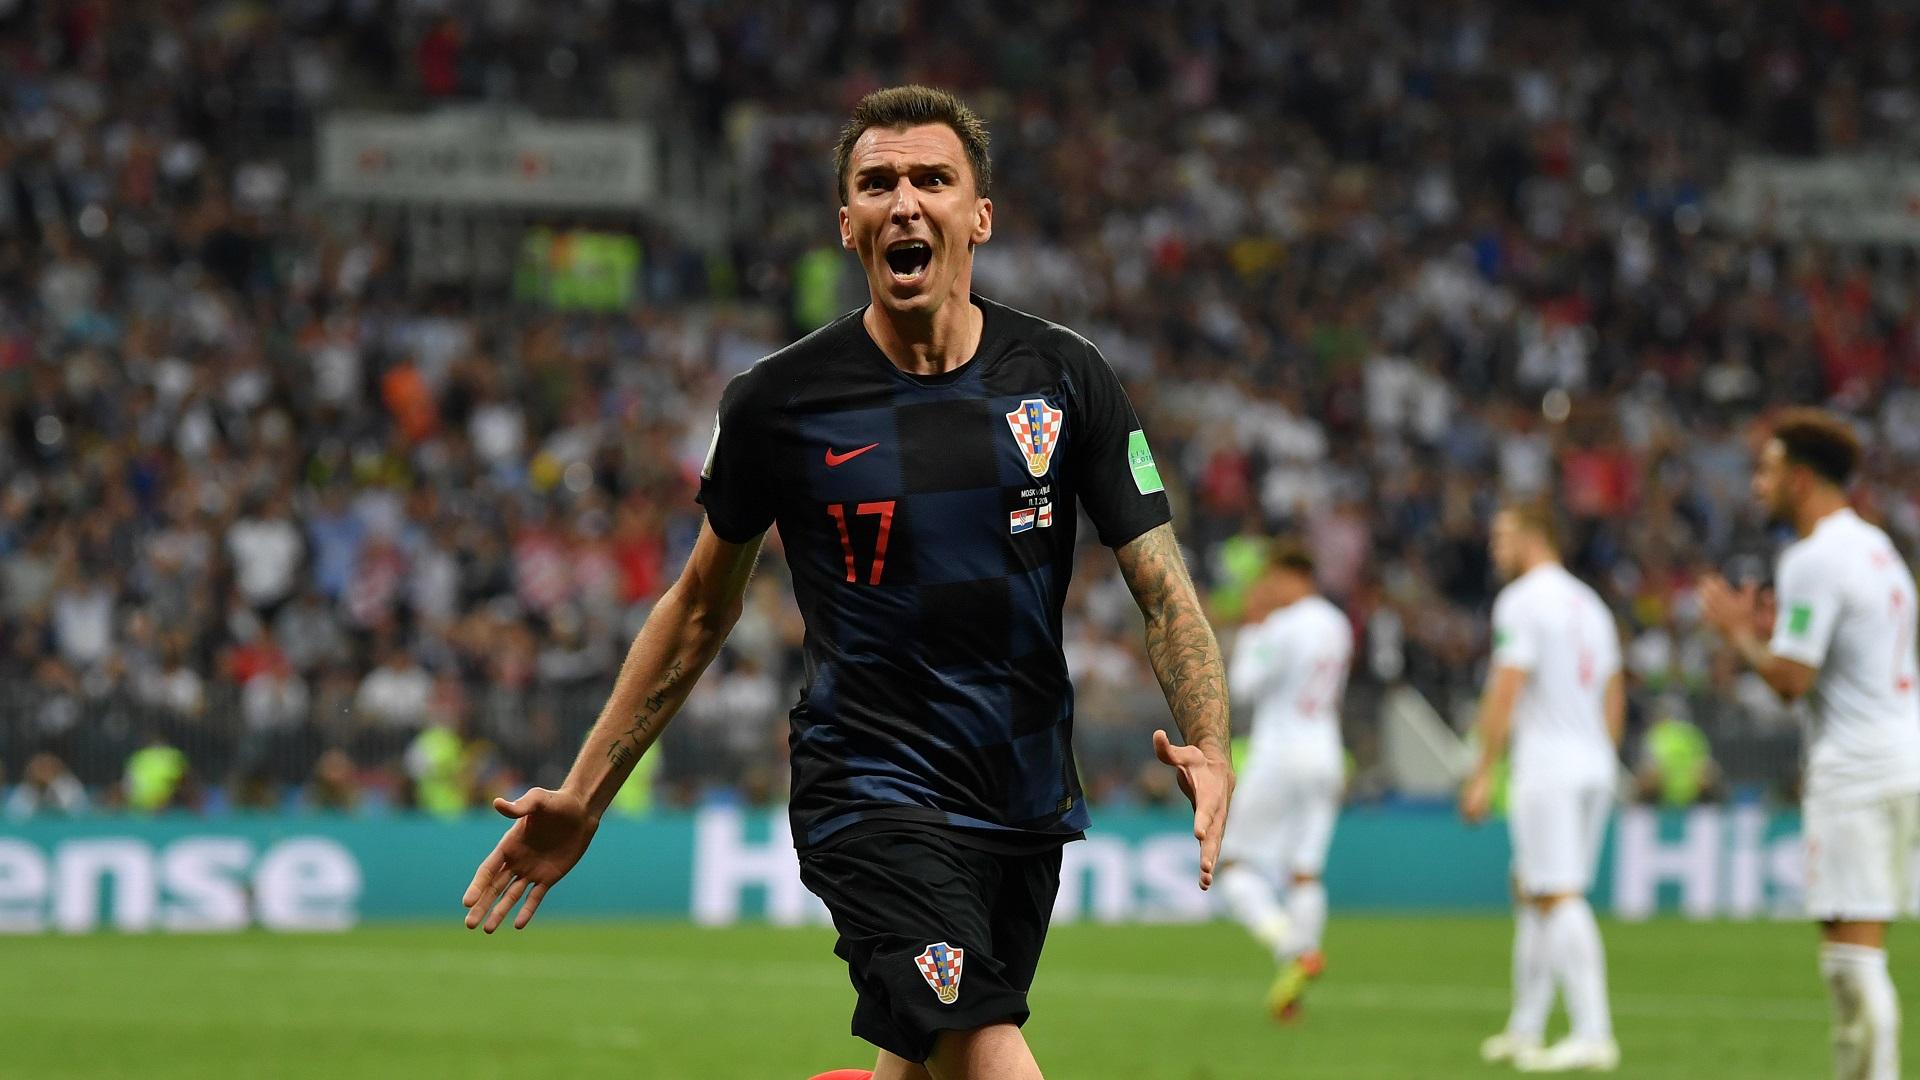 مهاجم کروات/Croatia/Striker